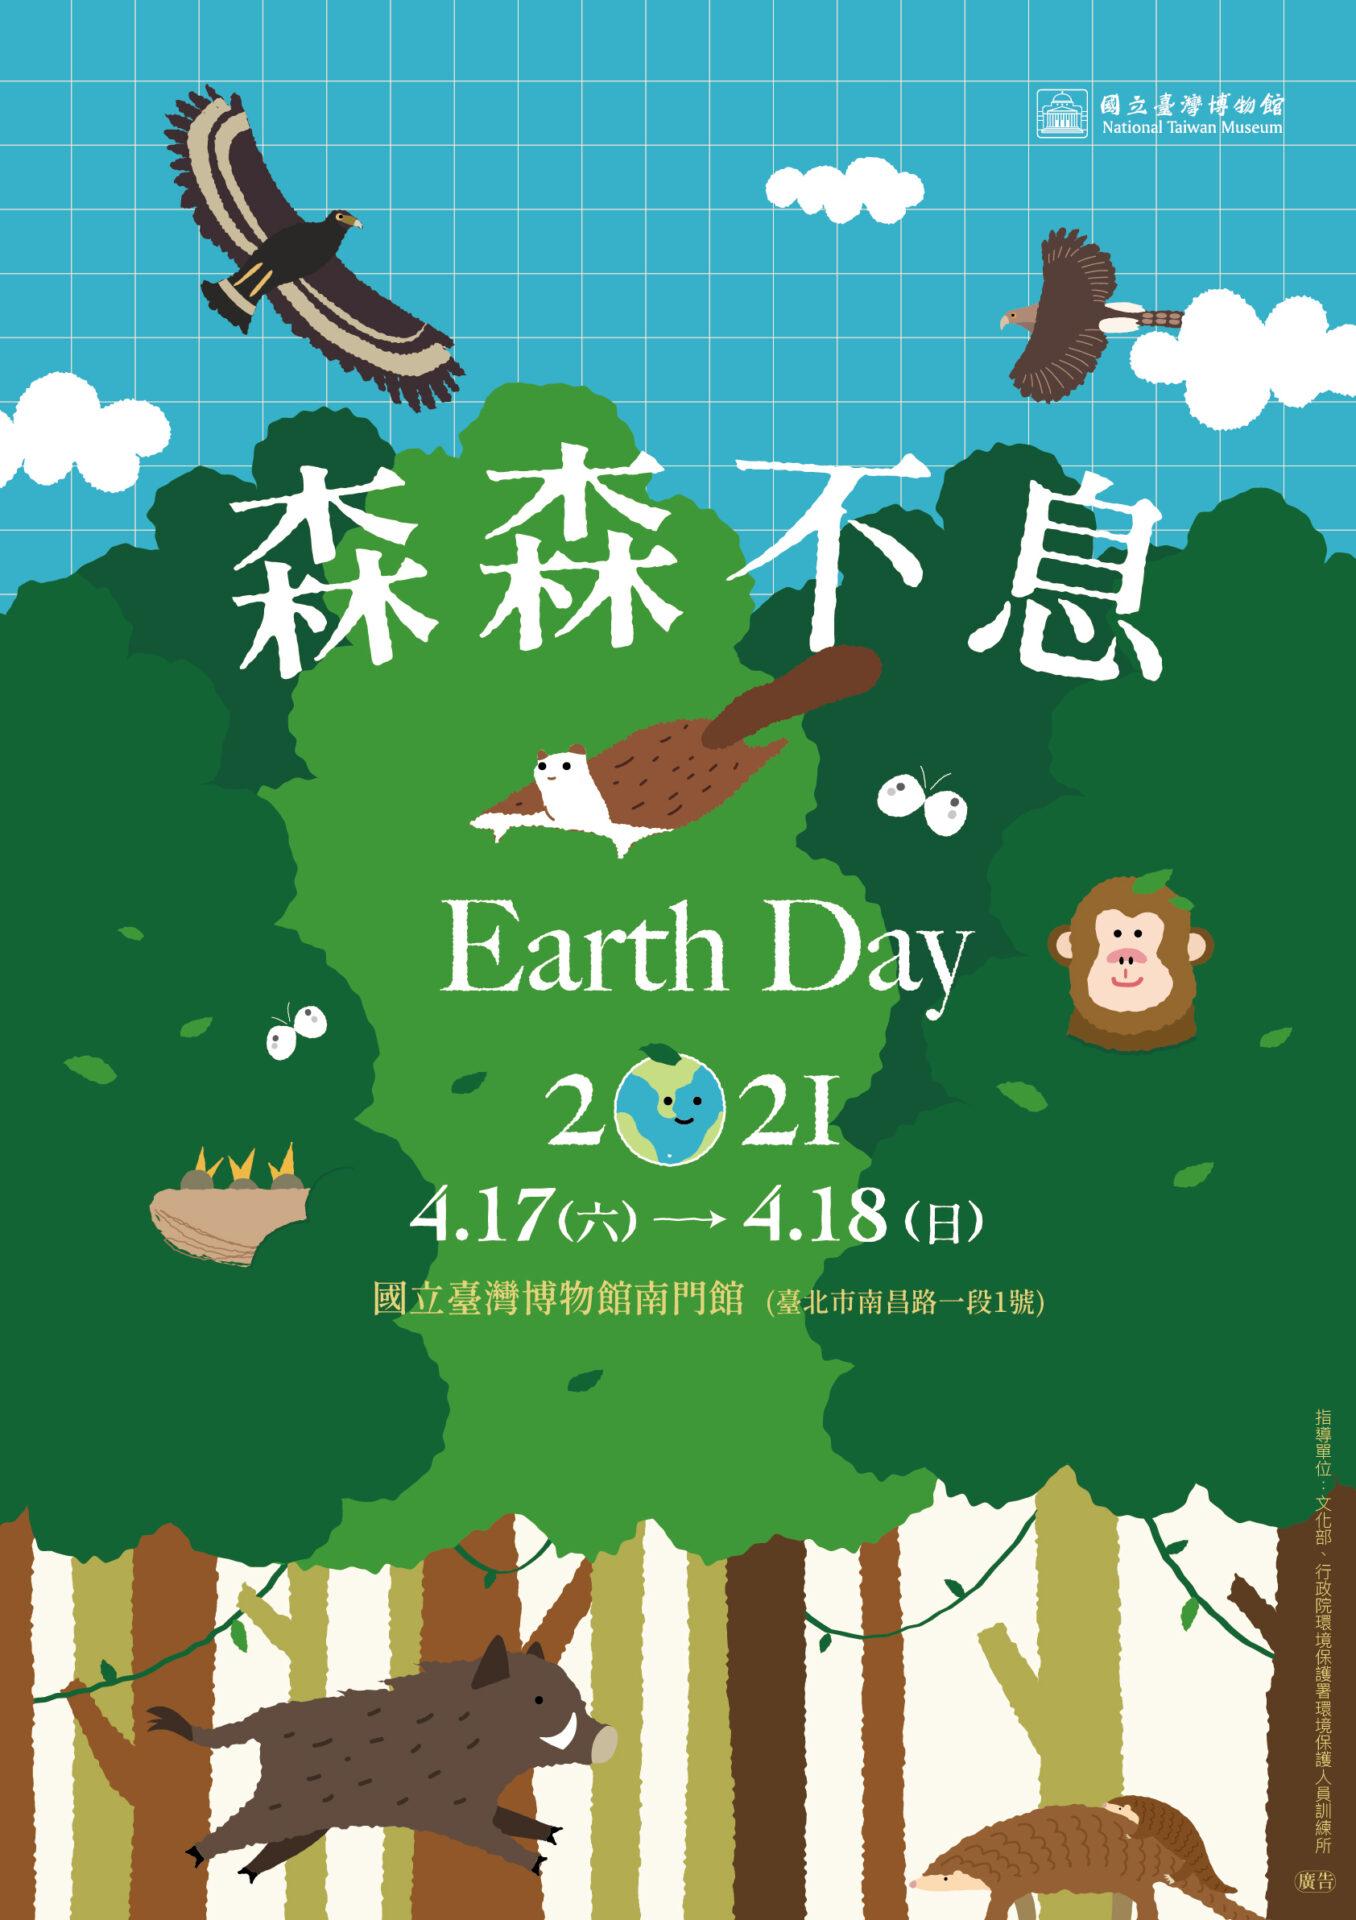 國立臺灣博物館:4/17、4/18【2021世界地球日-森森不息】